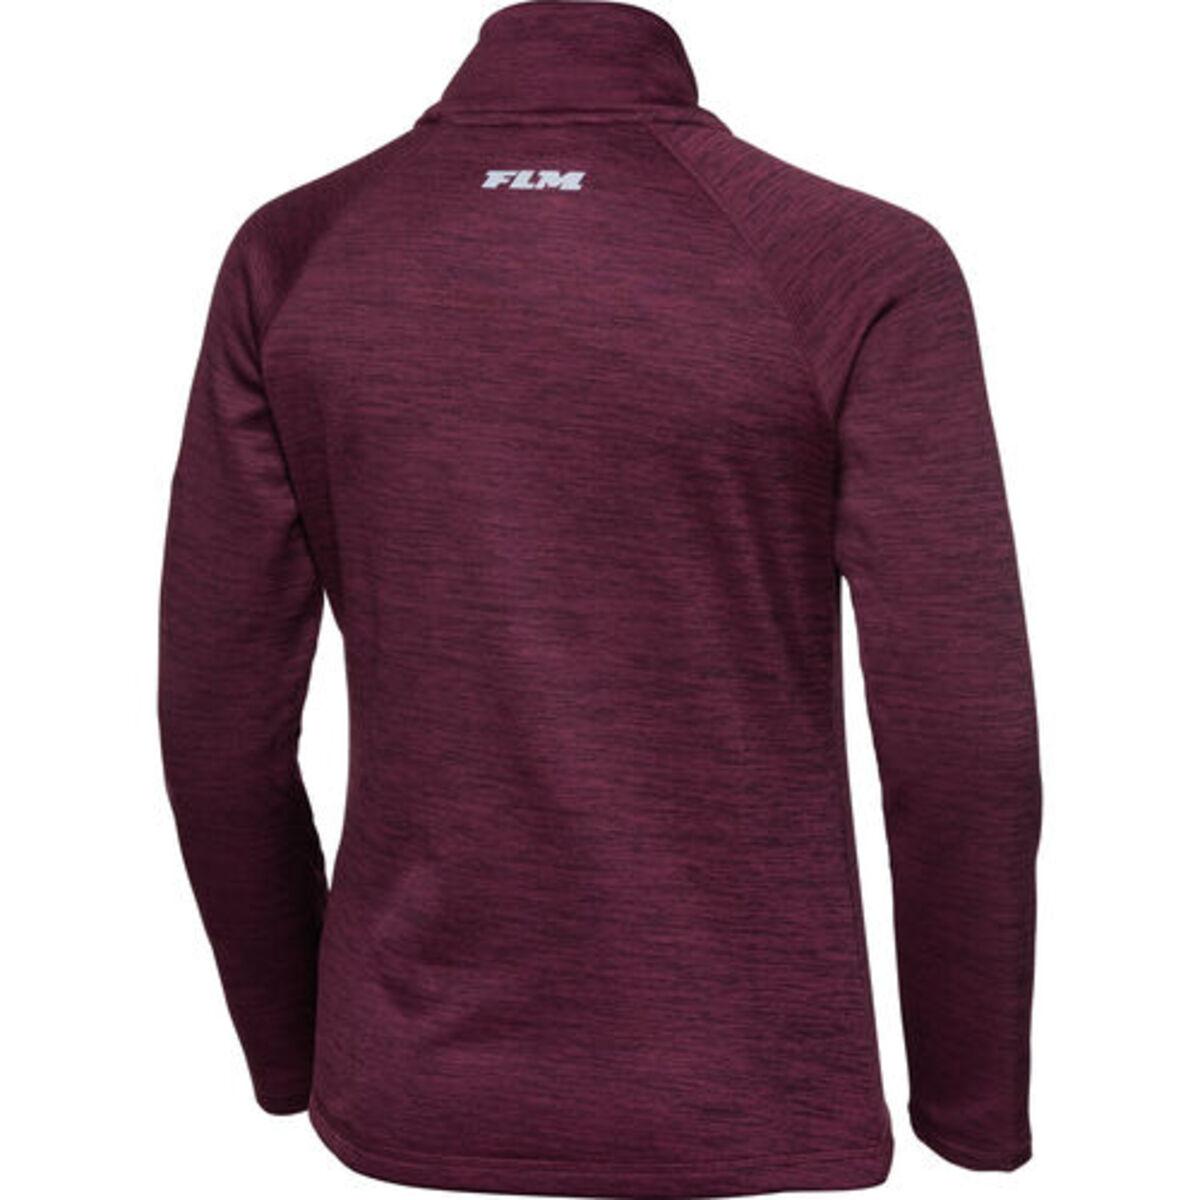 Bild 2 von FLM            Fleece Pullover Damen 3.0 violett